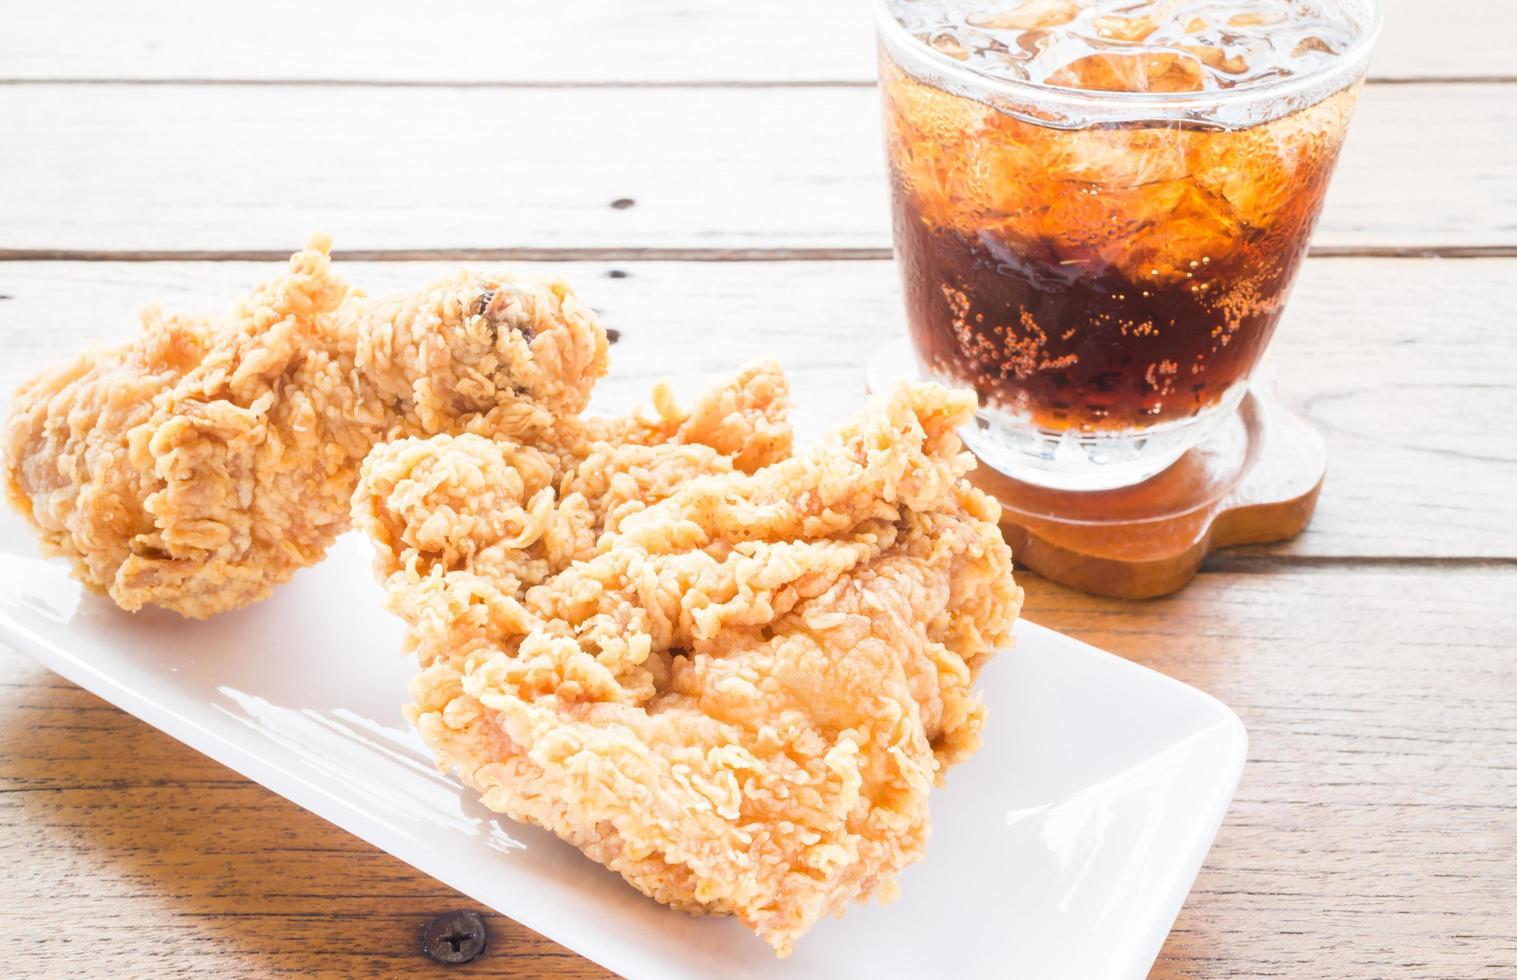 poulet frit et coca photo